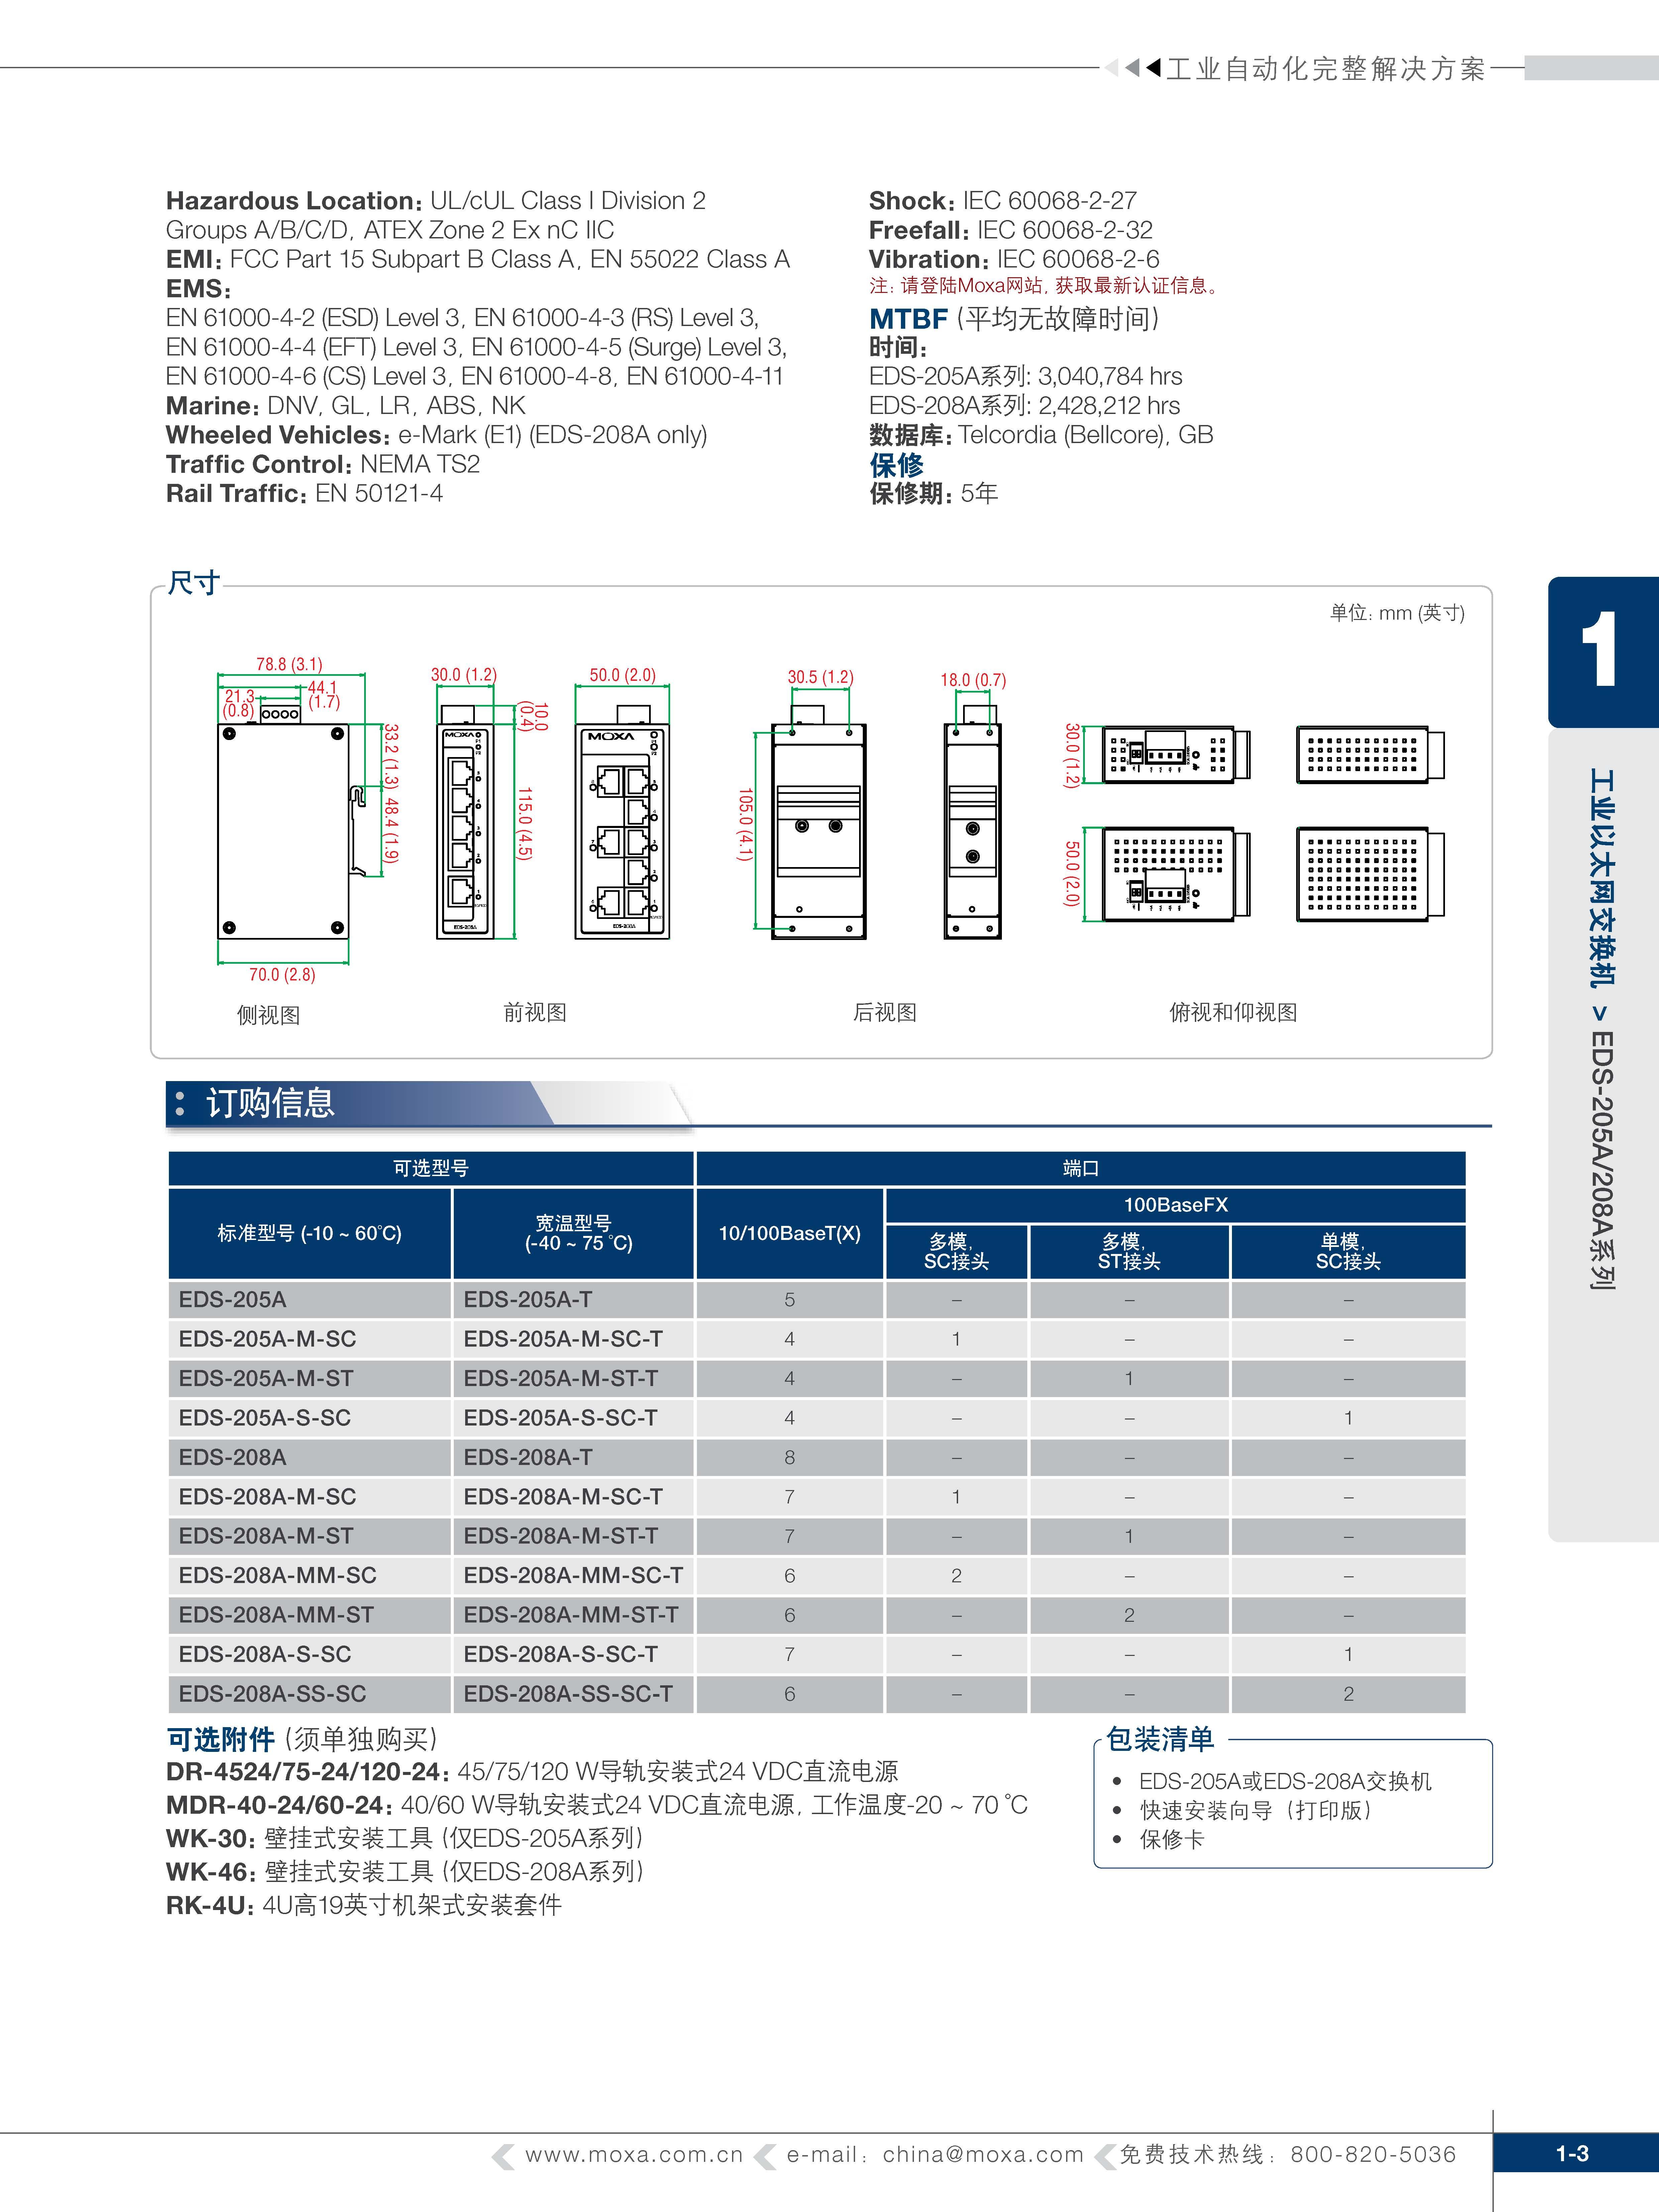 EDS-205A_208A_页面_2.jpg